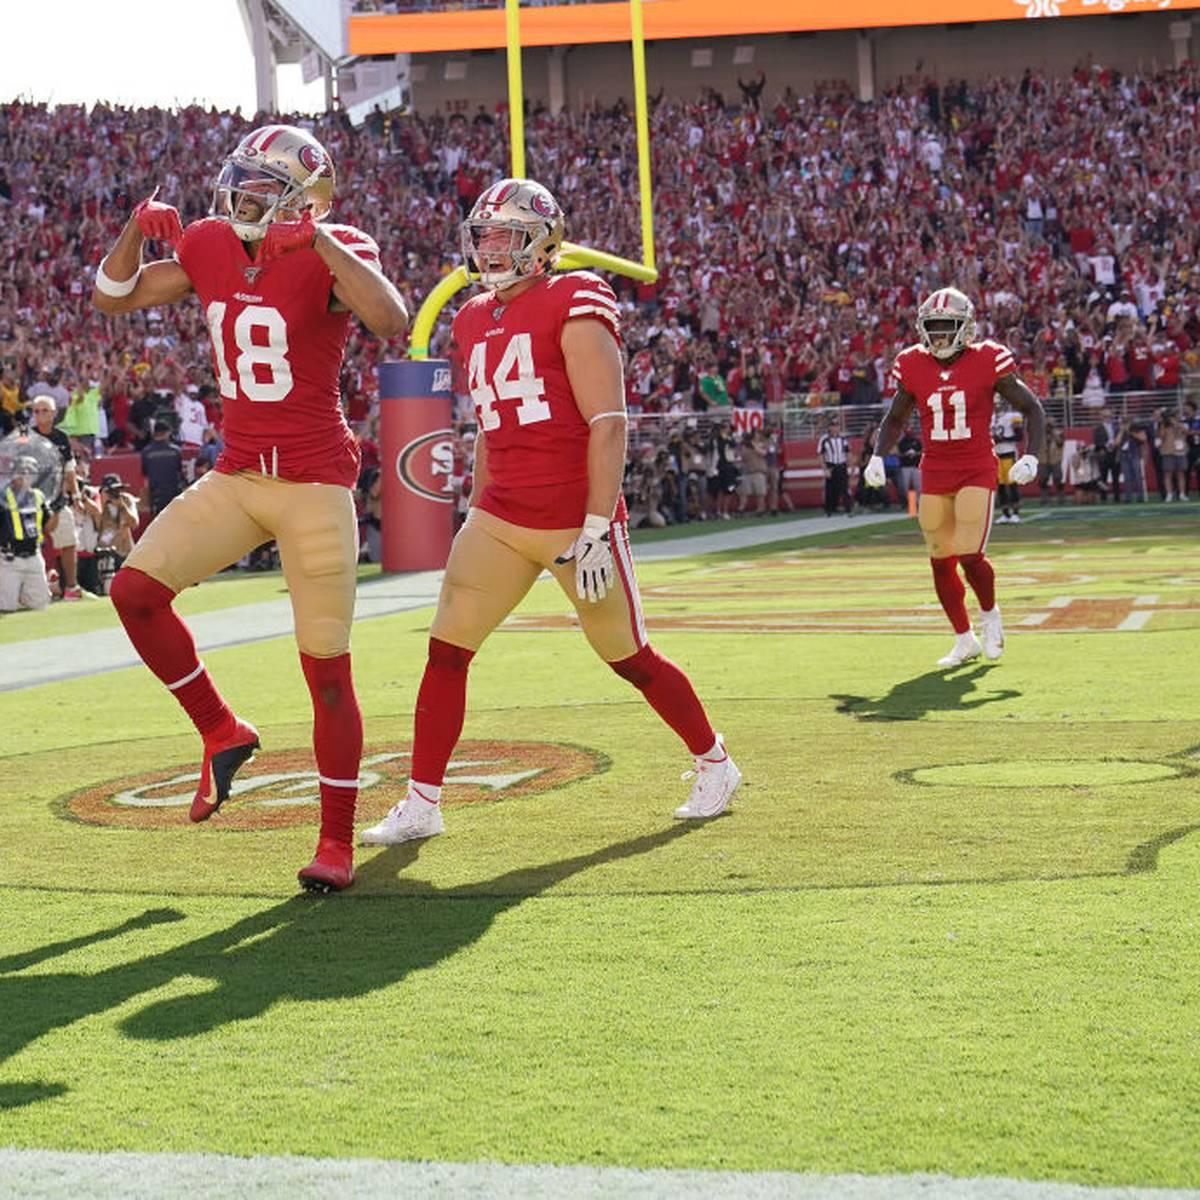 Bleiben 49ers weiter unbesiegt?